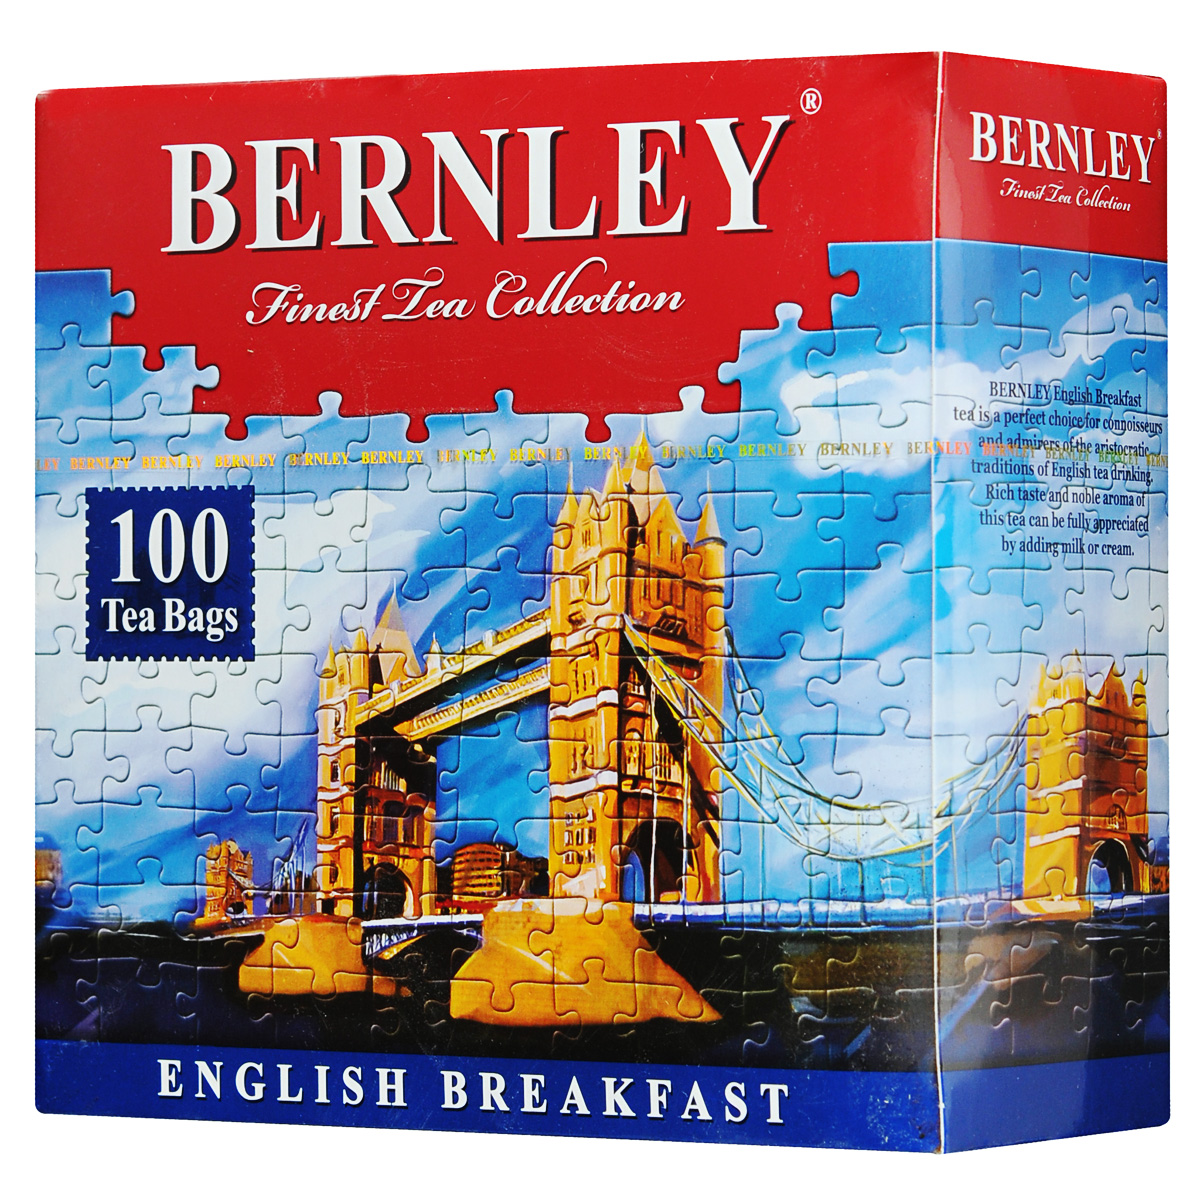 Bernley English Breakfast черный чай в пакетиках, 100 шт0120710Bernley English Breakfast - высокогорный черный чай для традиционного английского чаепития. Крепкий чай темно-красного цвета с богатым, насыщенным, невероятно свежим и мощным вкусом, характерным неповторимым ароматом и тонкими фруктовыми нотками в длительном и сочном послевкусии.